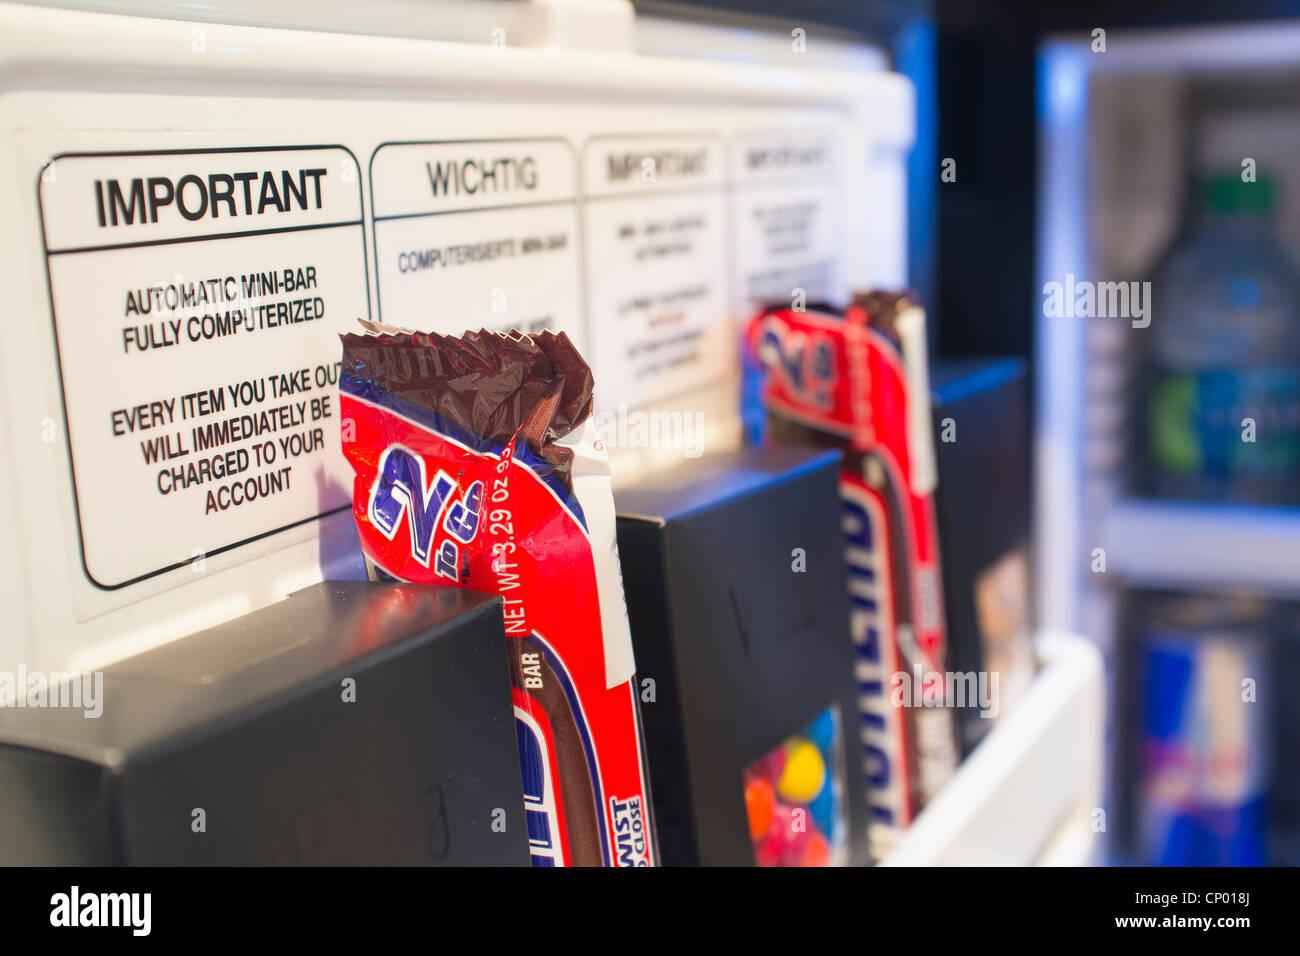 Minibar Als Kühlschrank Nutzen : Computerisierte minibar kühlschrank bei modernen hotelzimmer